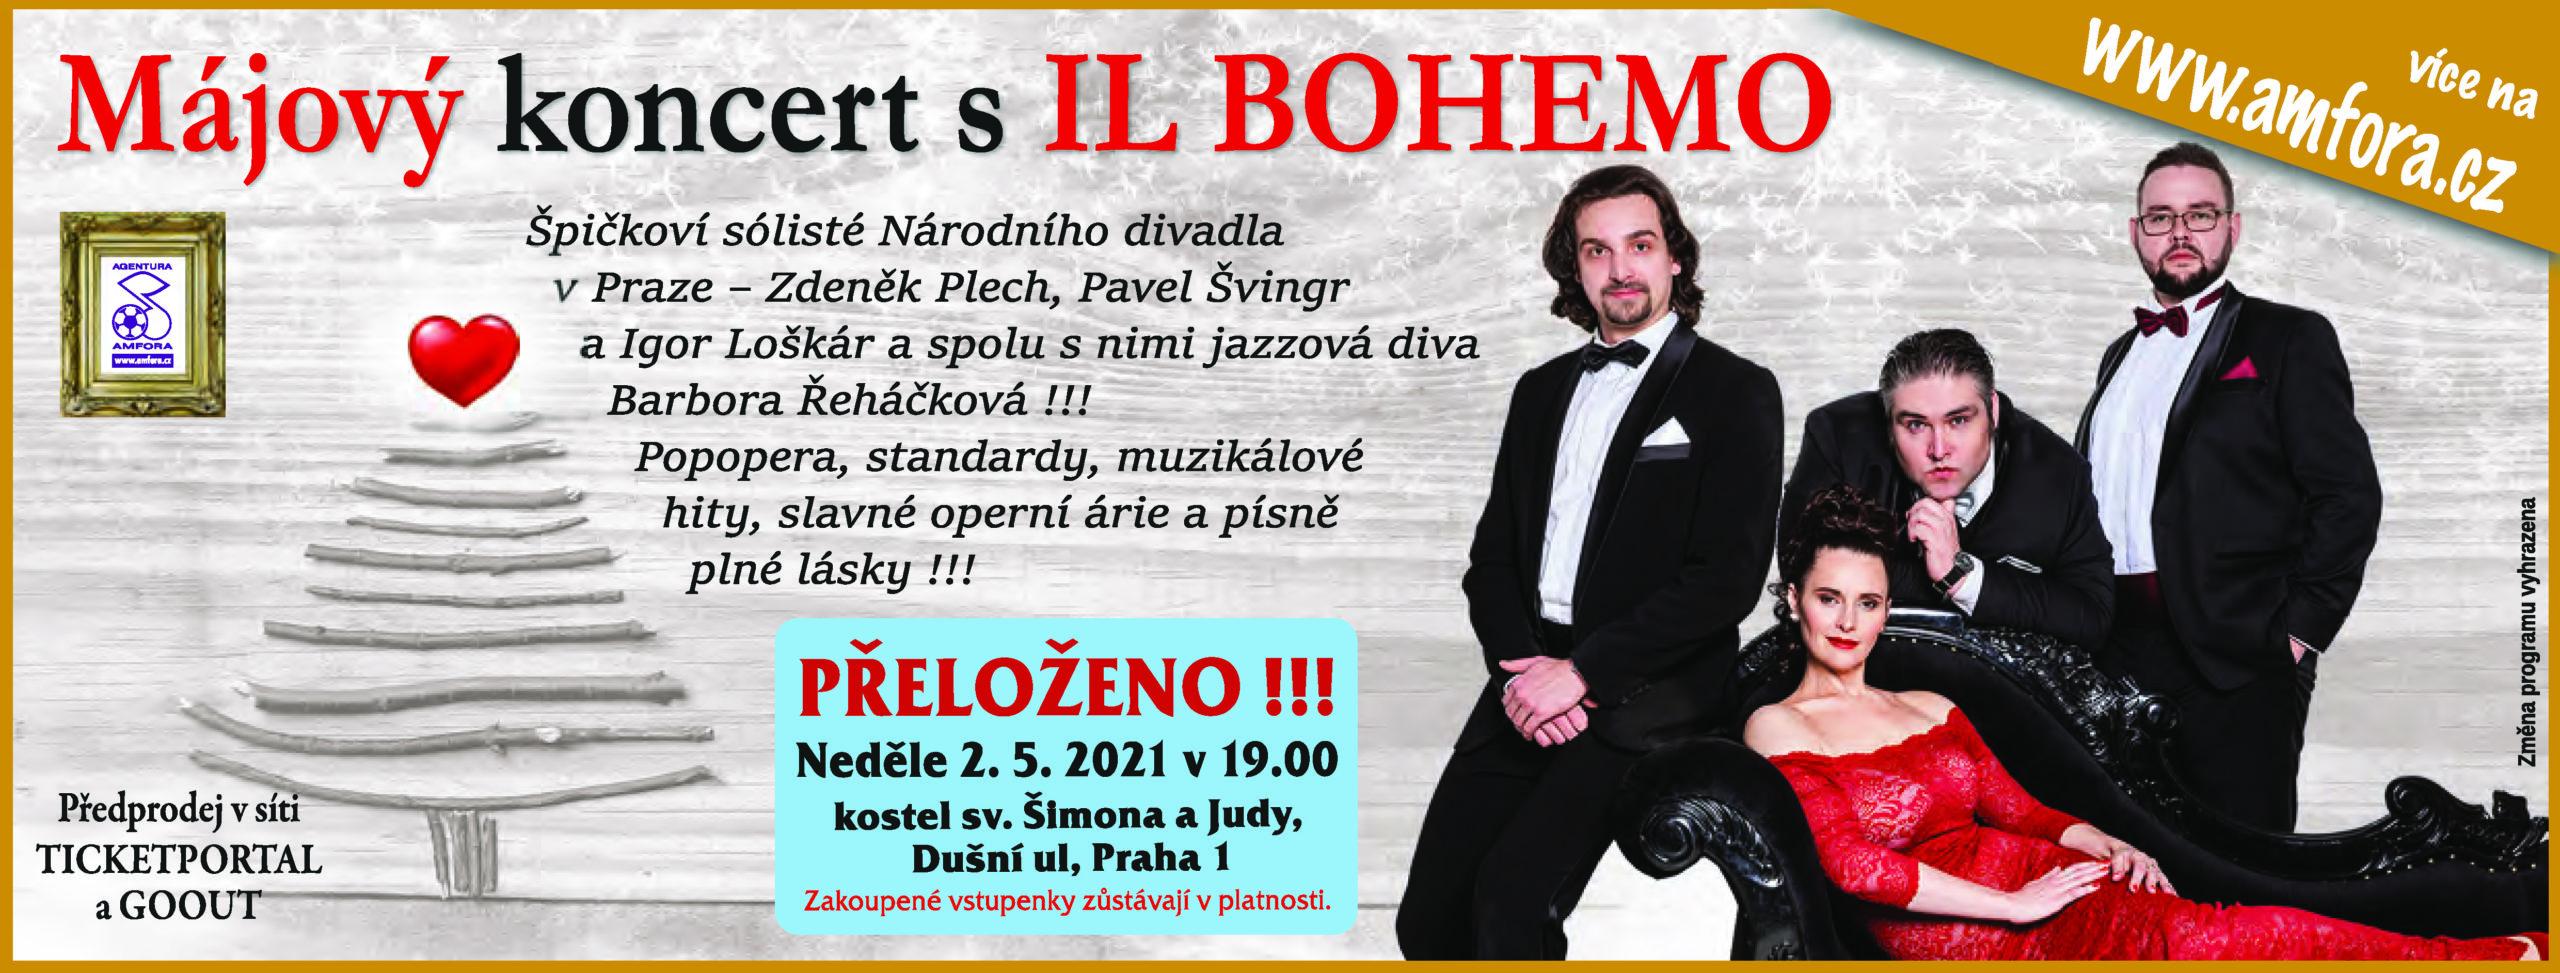 Il Bohemo Májový koncert